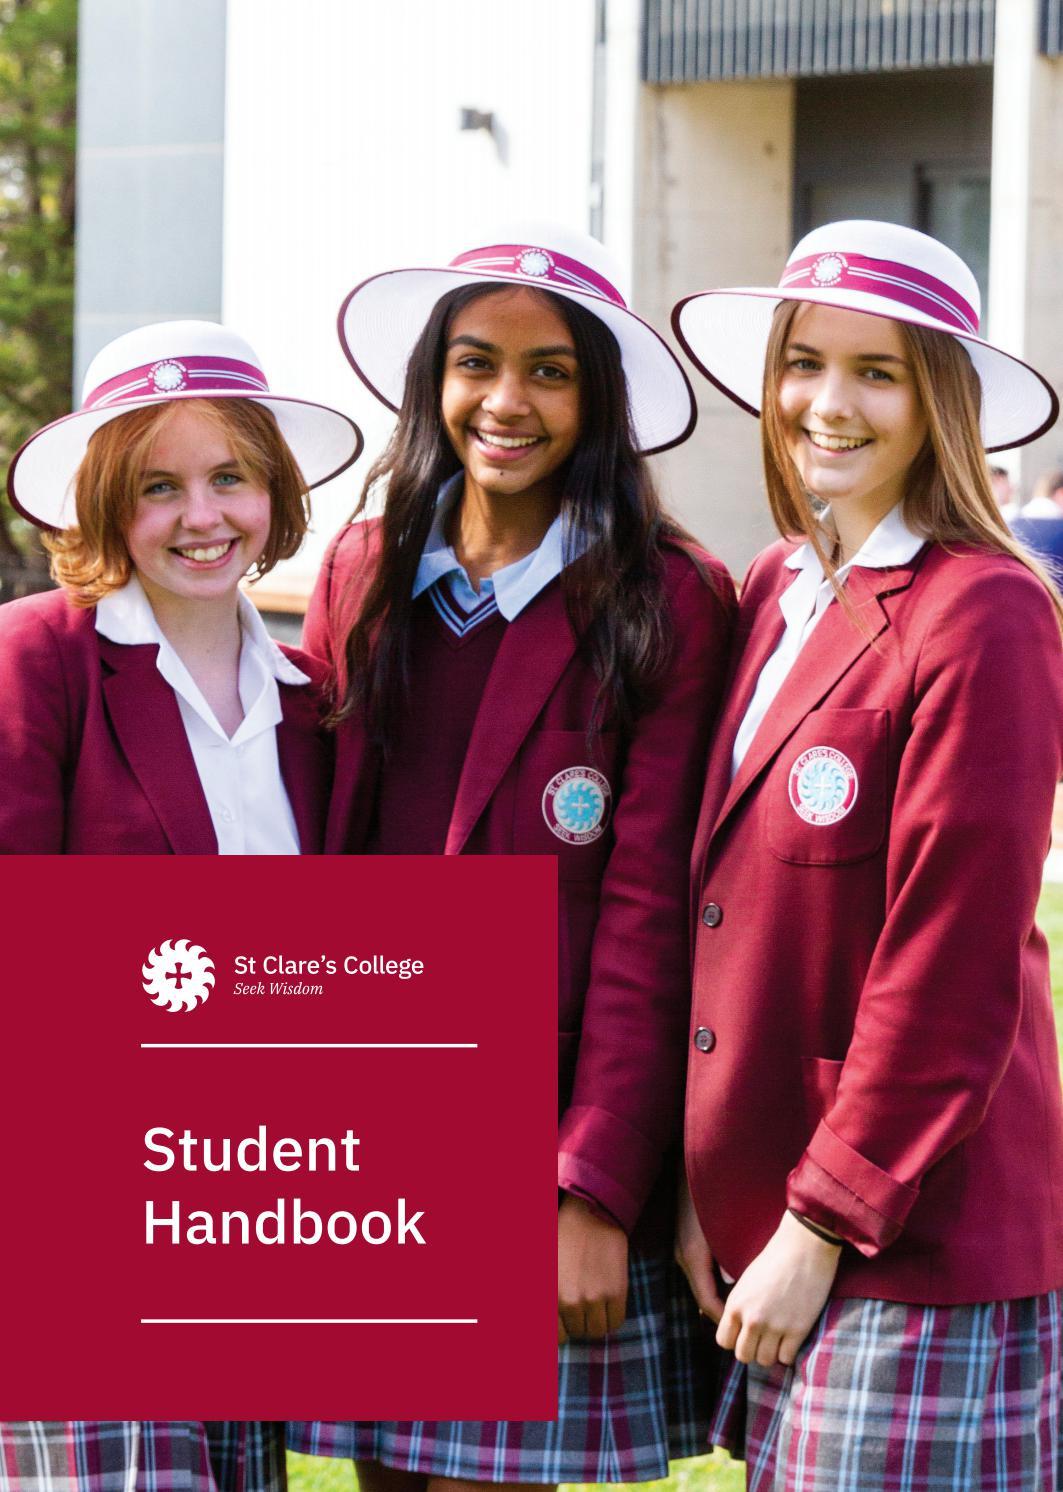 Download Student Handbook